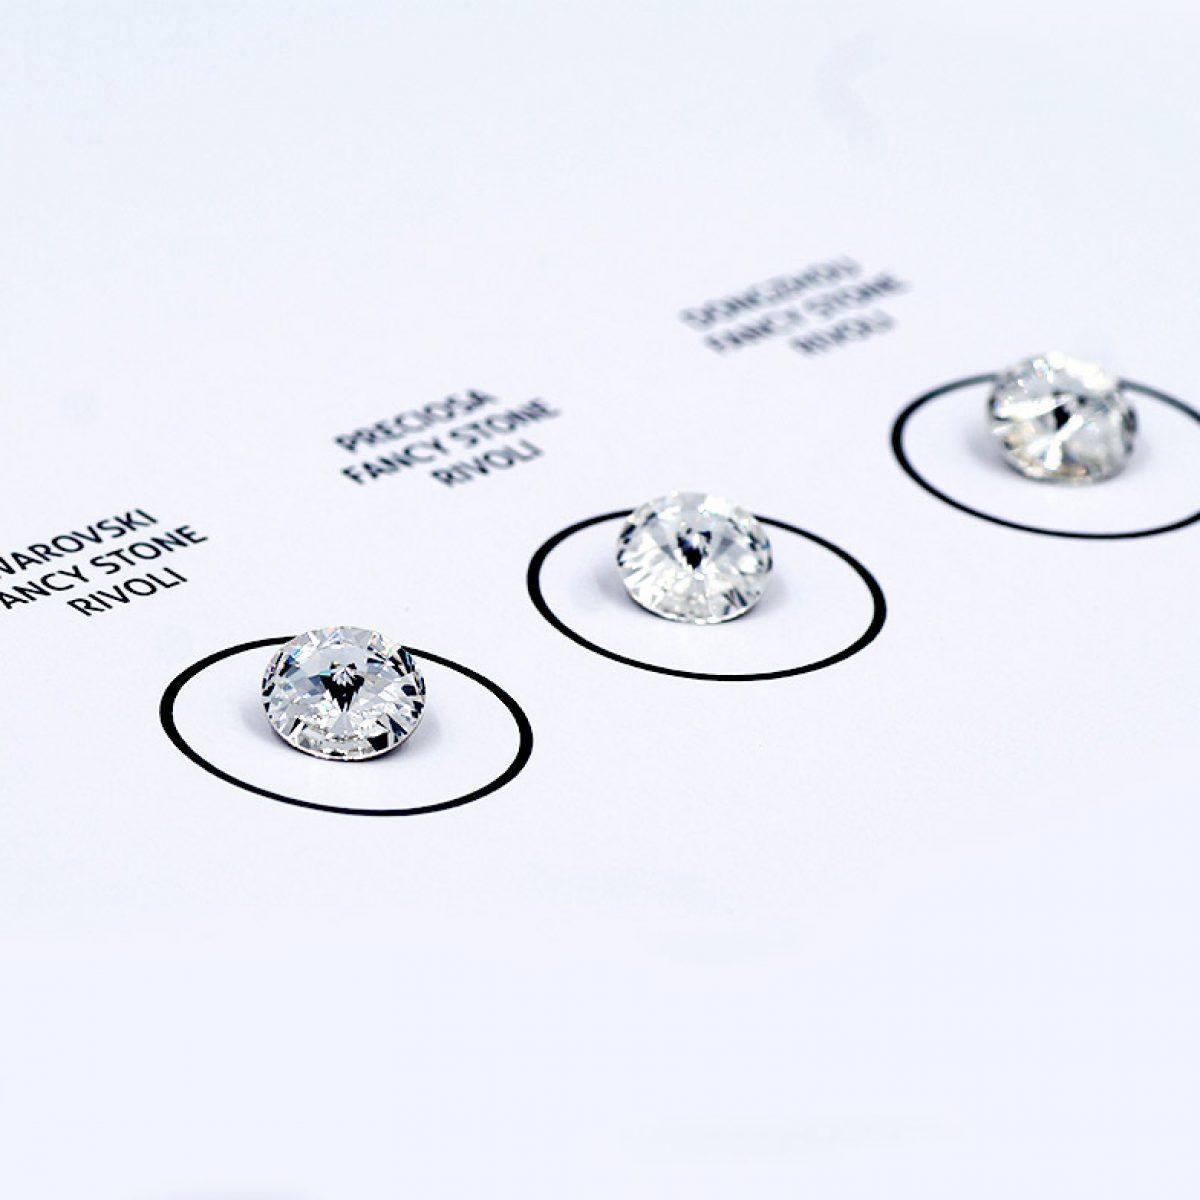 Markenkristalle im Direktvergleich: Swarovski vs. Preciosa vs. Dongzhou